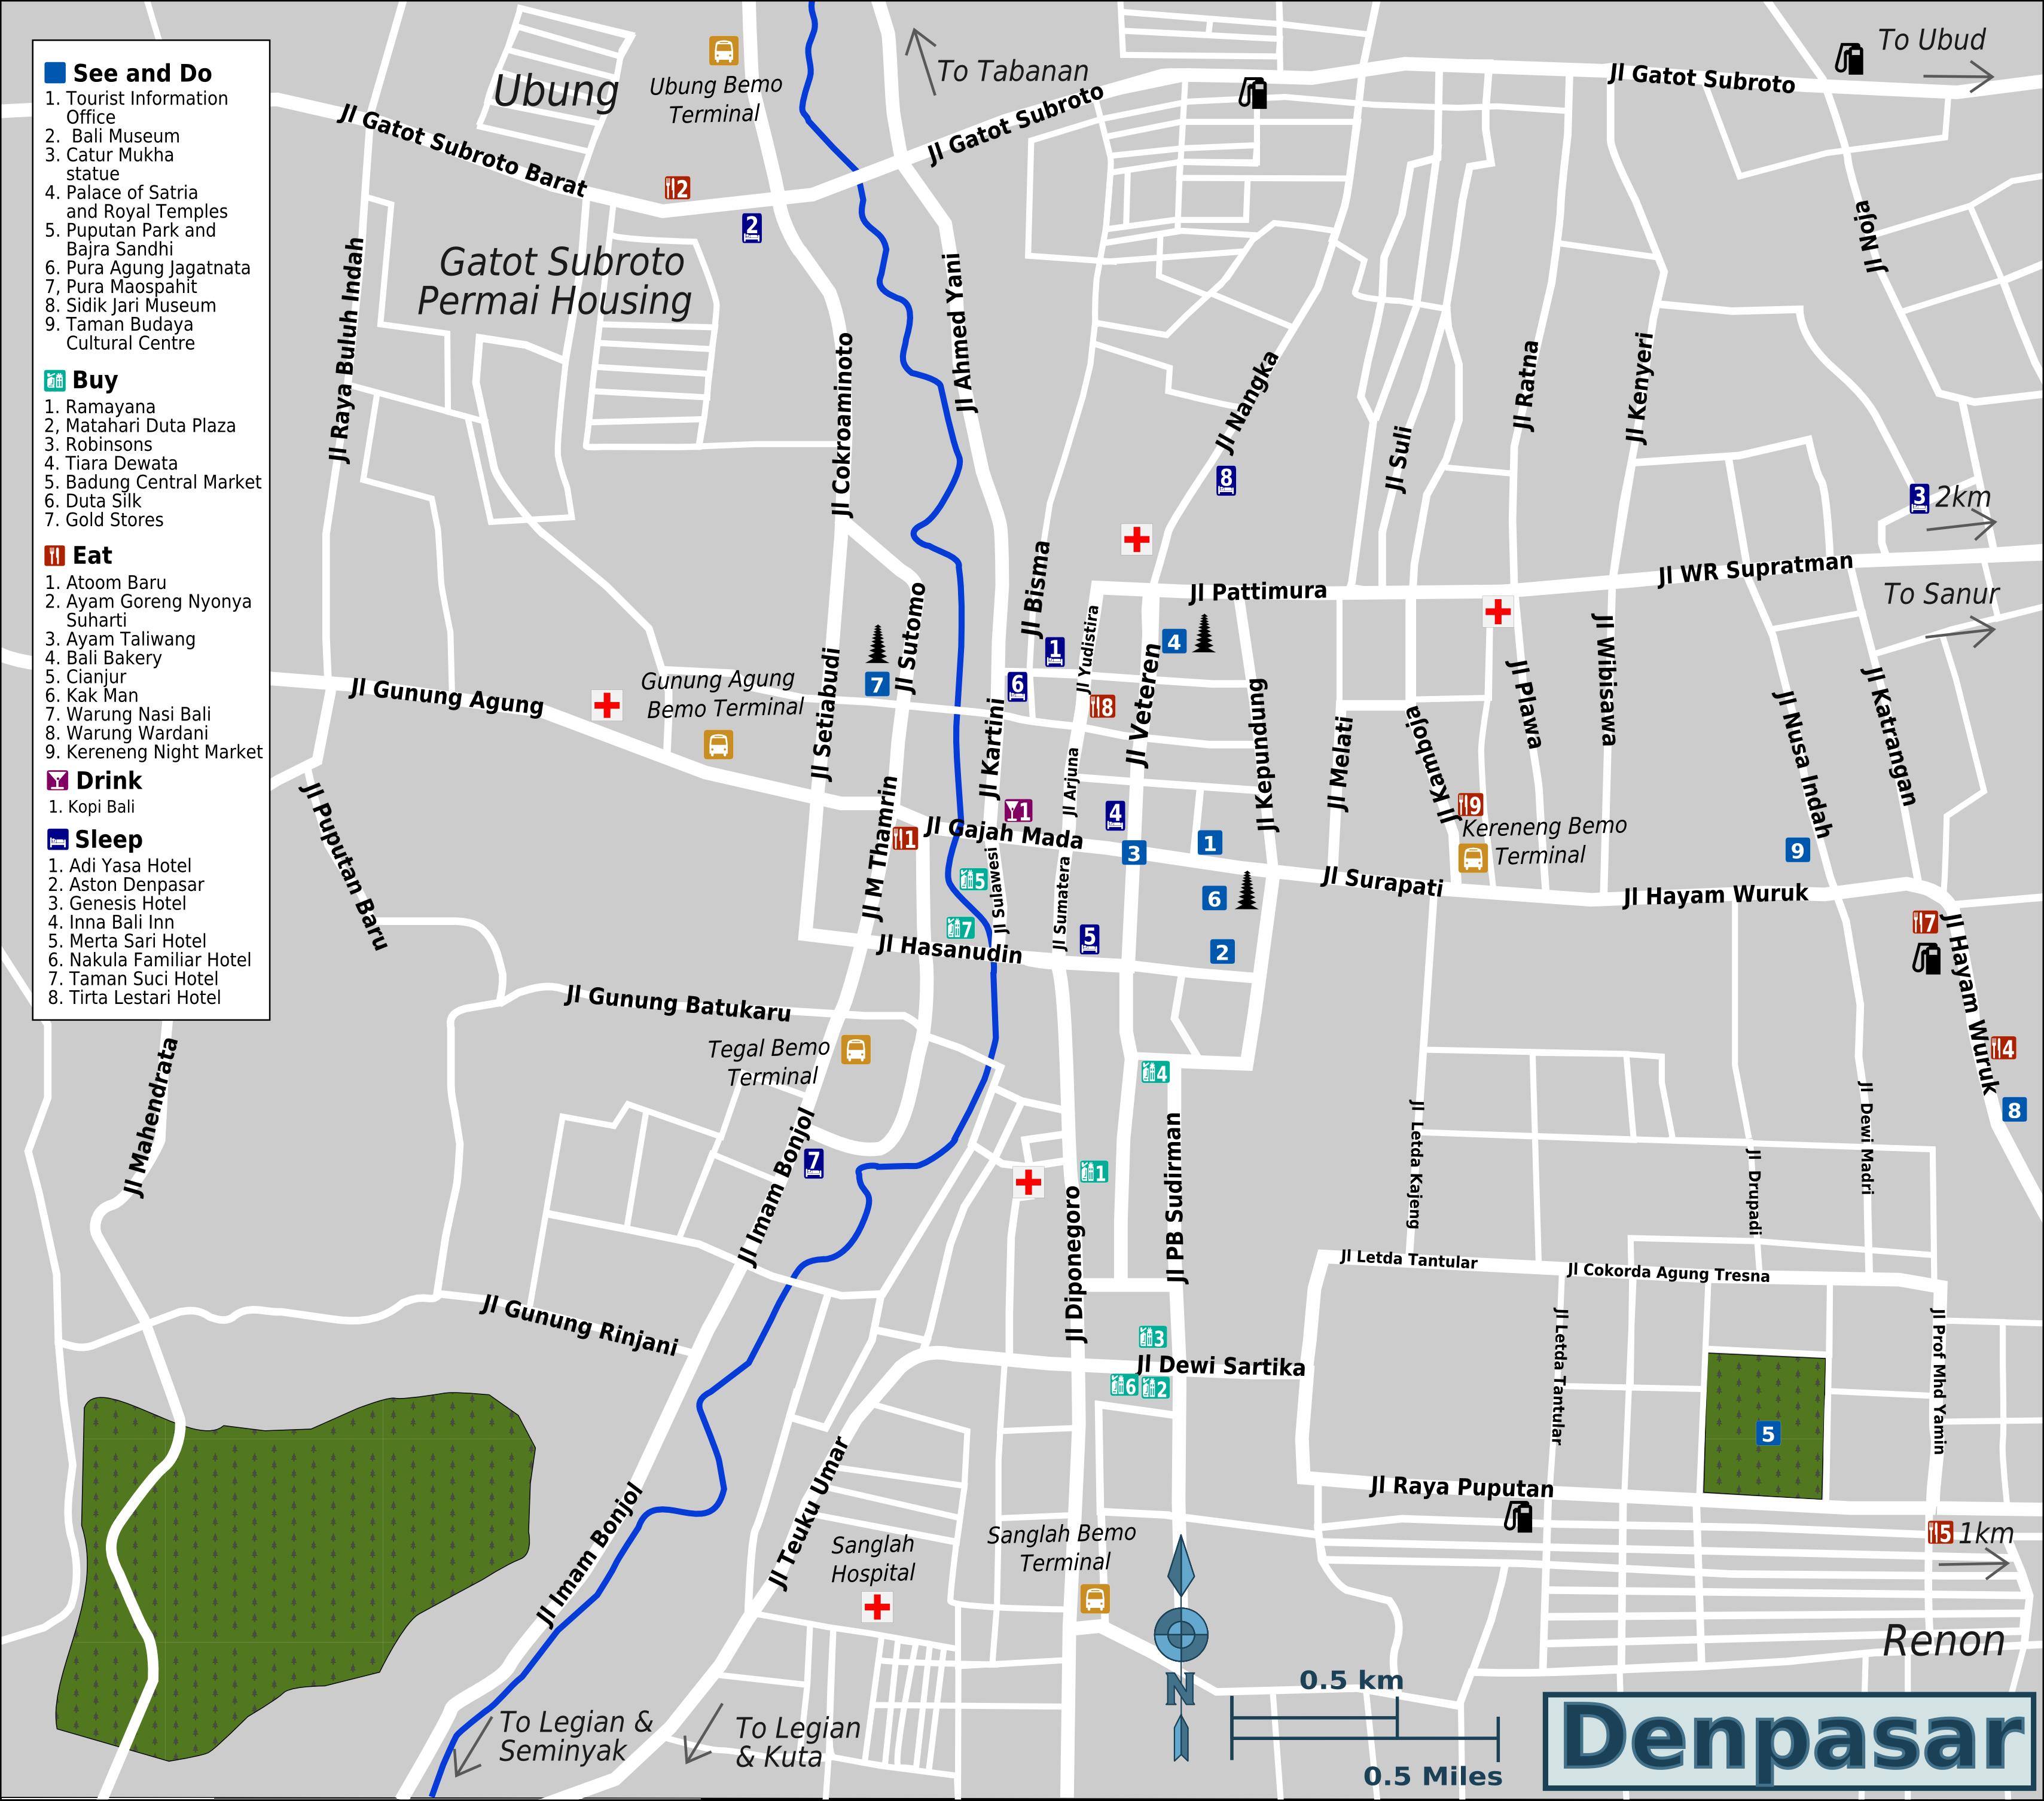 Kaartje van Denpasar, 30 minuten vanaf het appartement in Sanur op Bali